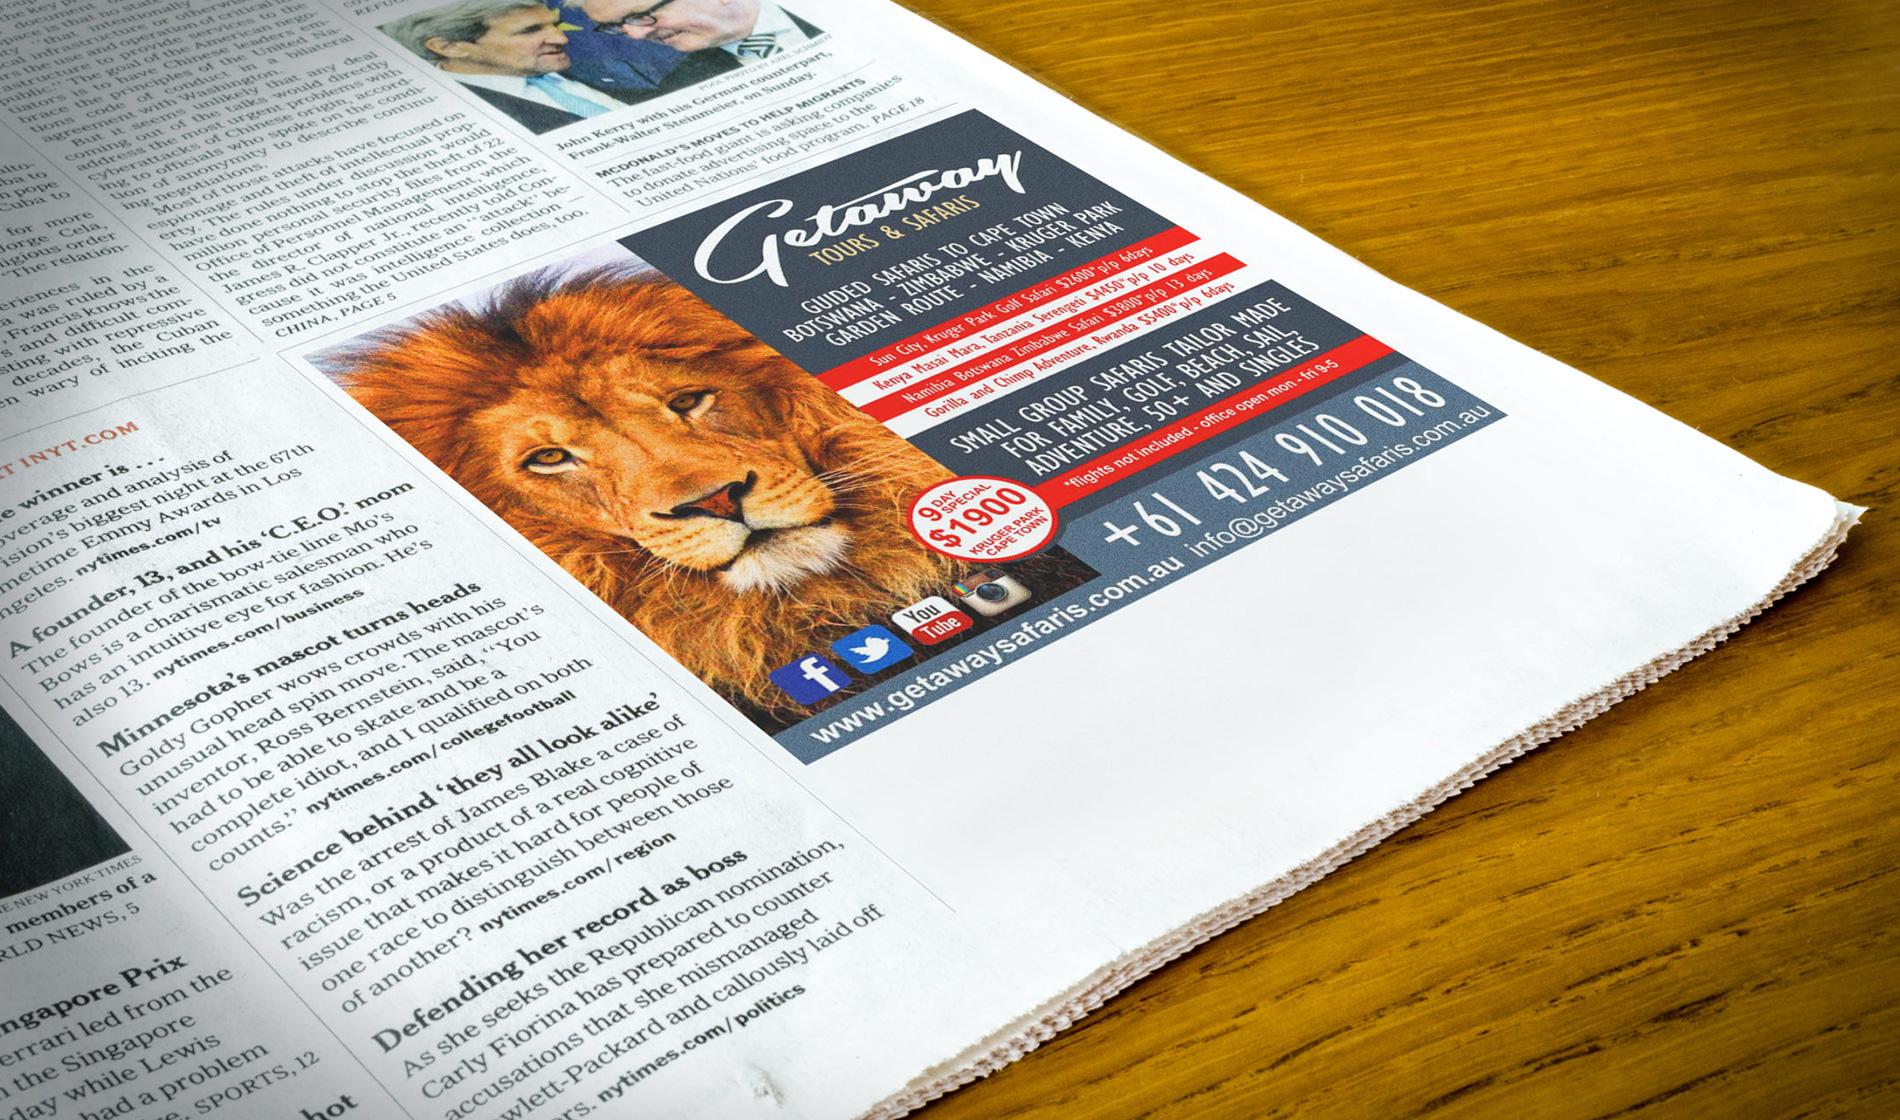 Getaway Safaris Newspaper Advert